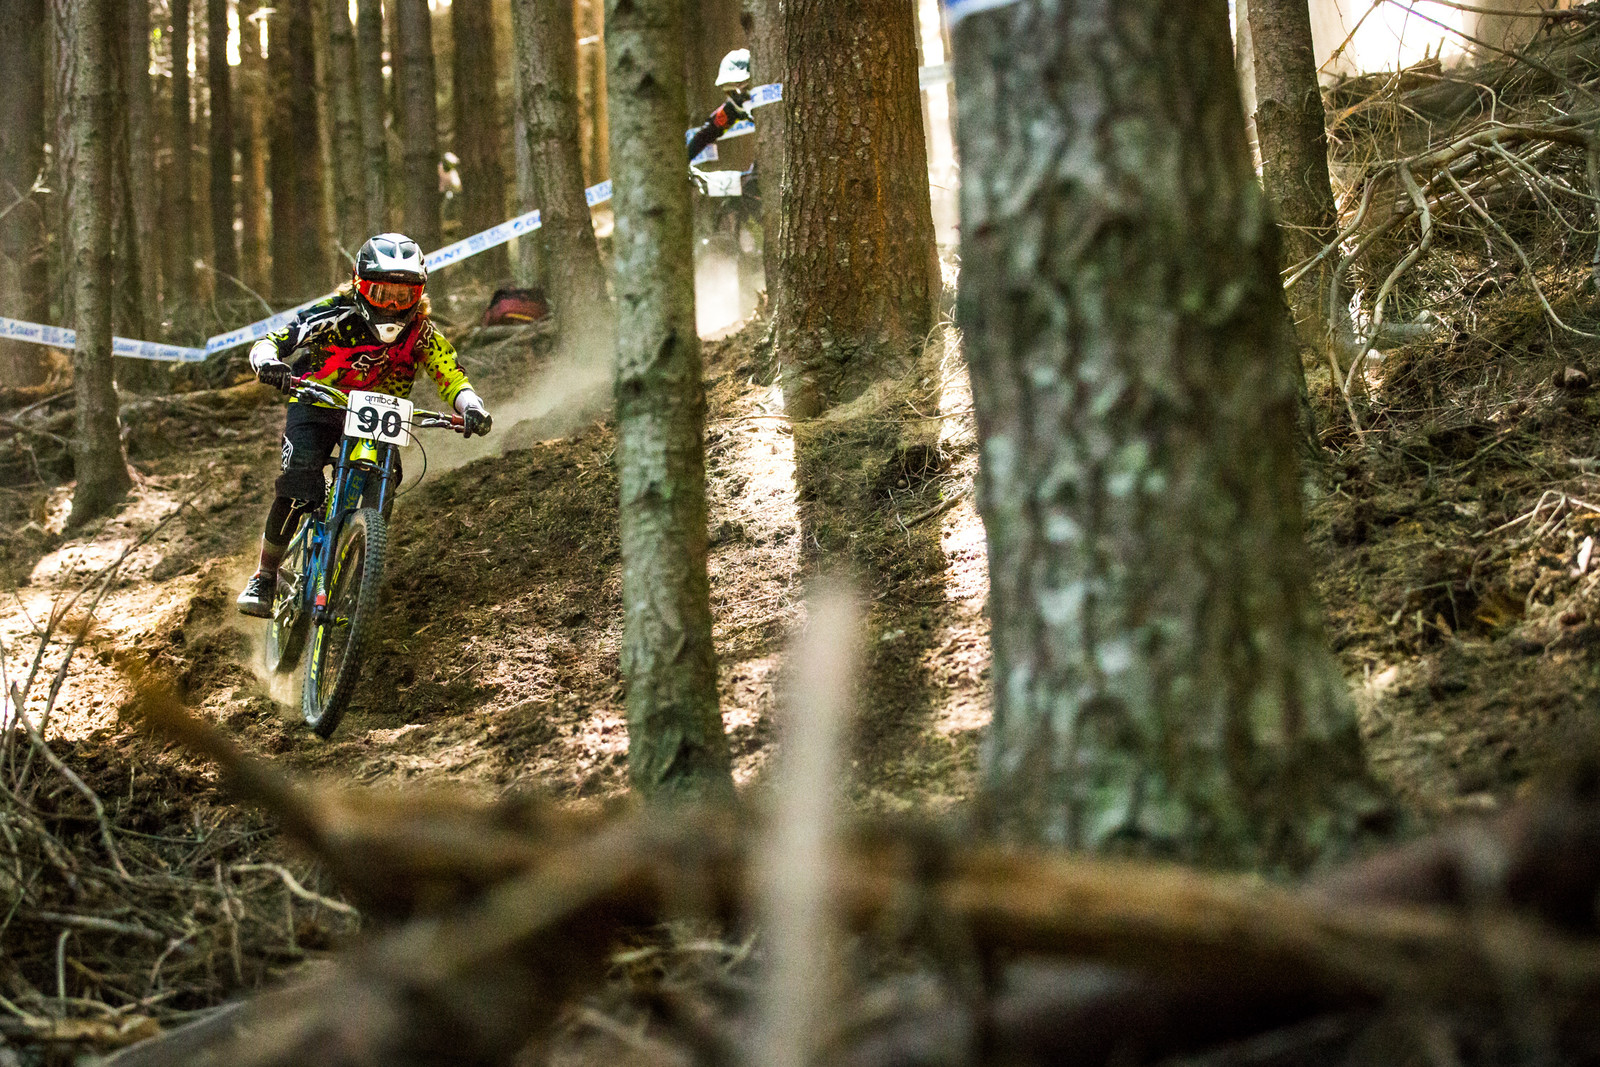 Will Adamson - Homegrown NZ Downhill - Vertigo Bikes Ride More DH Series Race 1 - Mountain Biking Pictures - Vital MTB